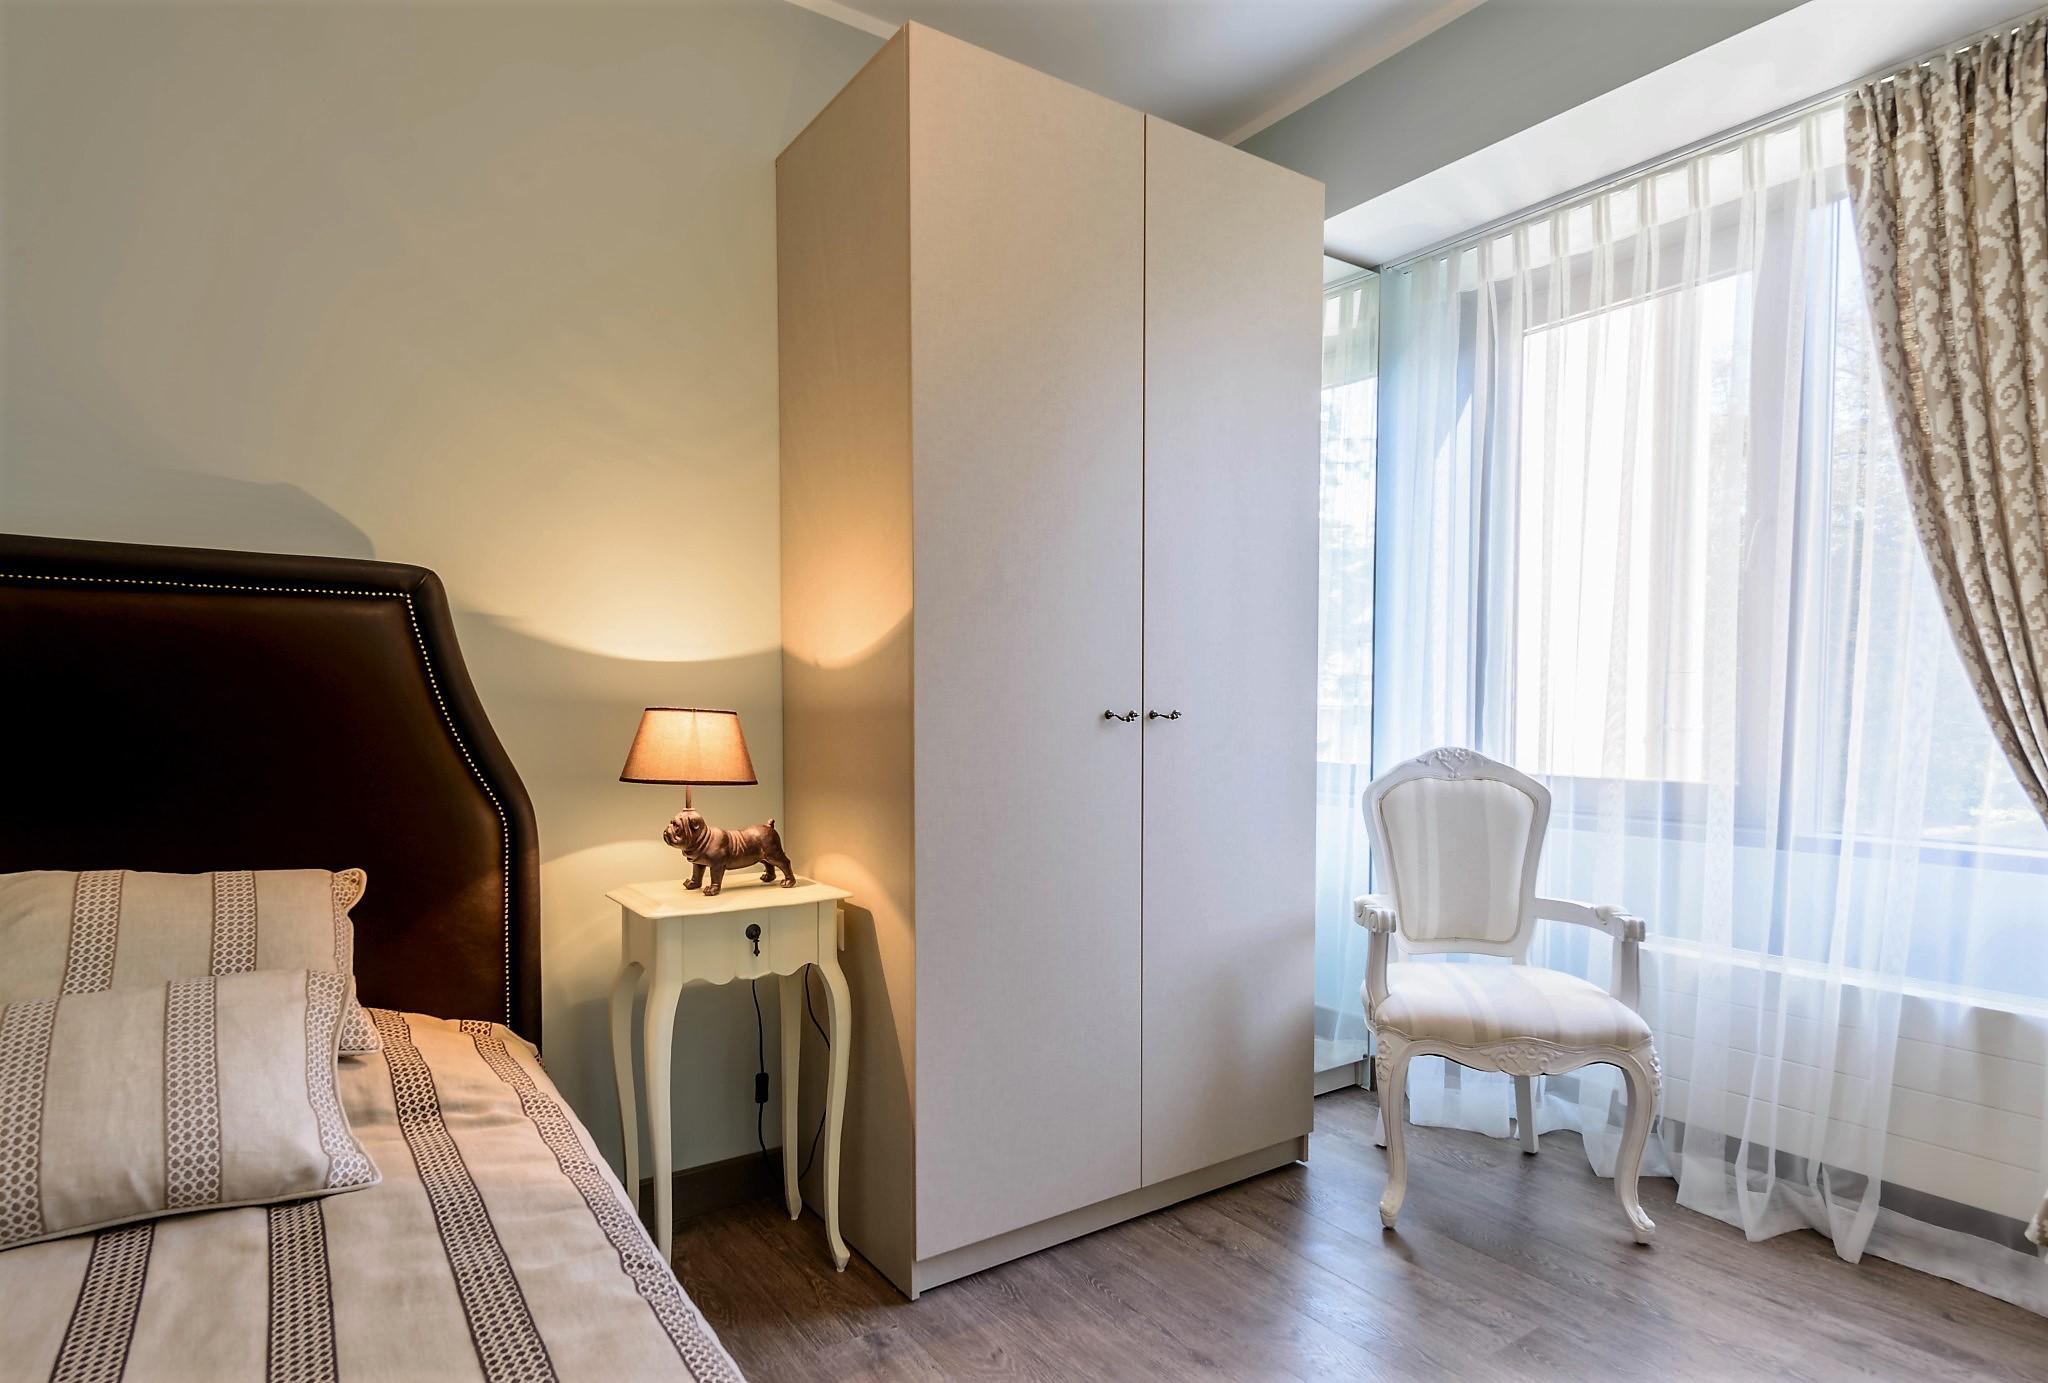 Сборка мебели в спальне